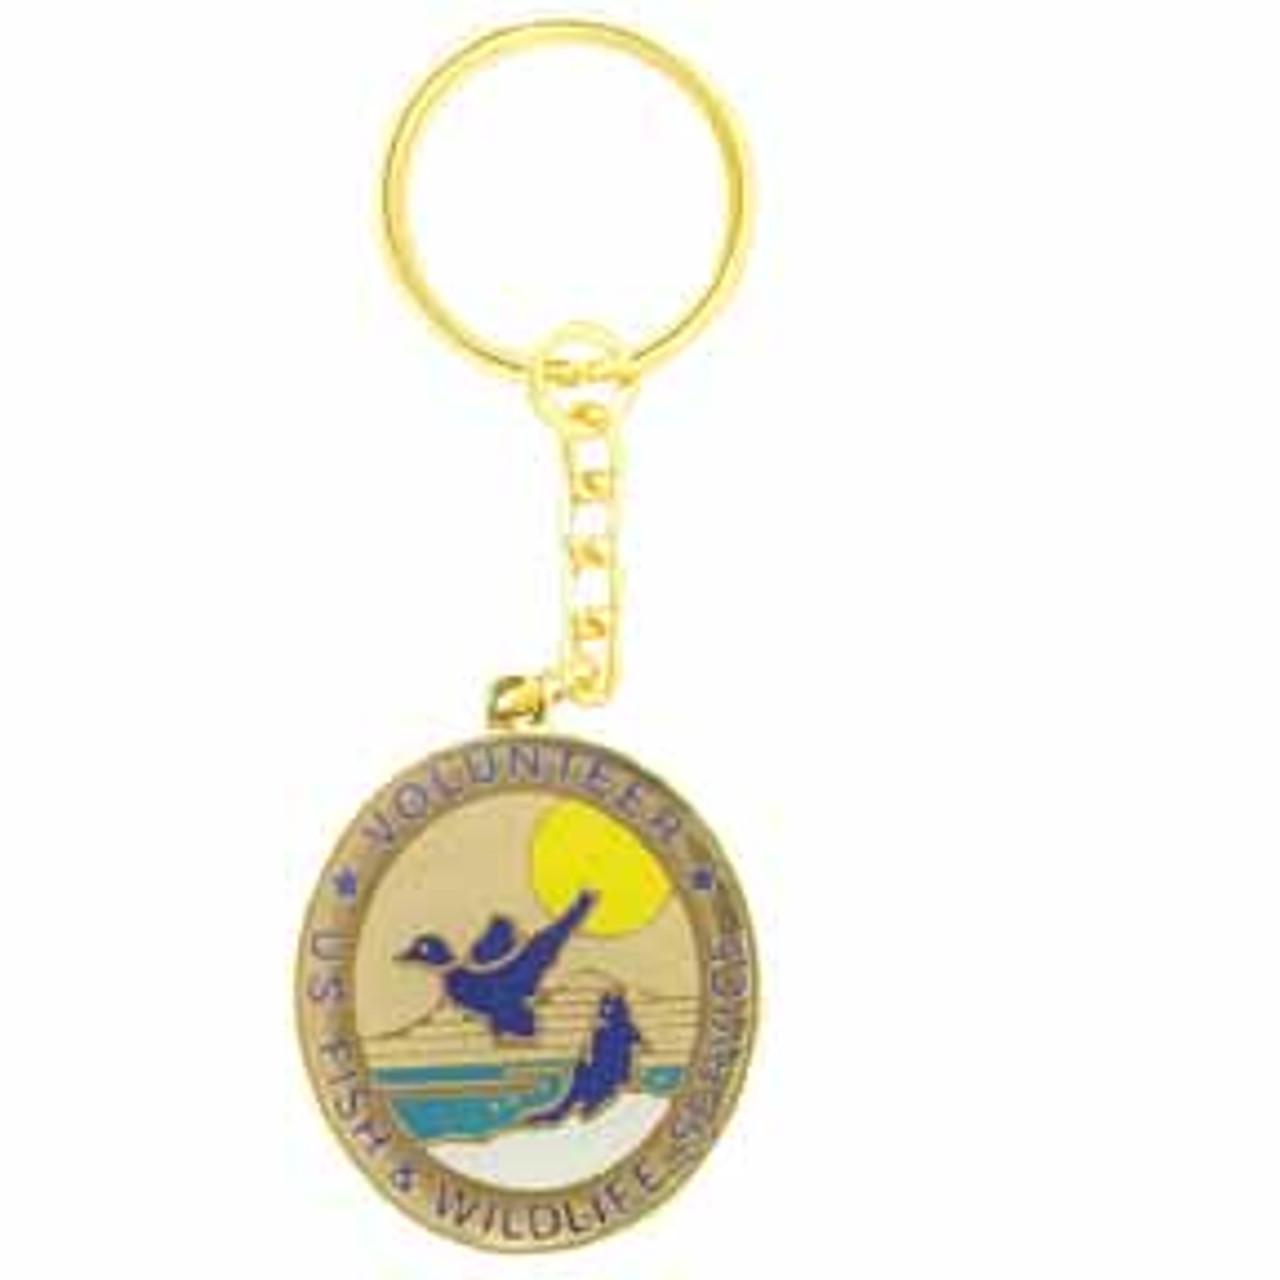 Fish & Wildlife Service Volunteer Keychain